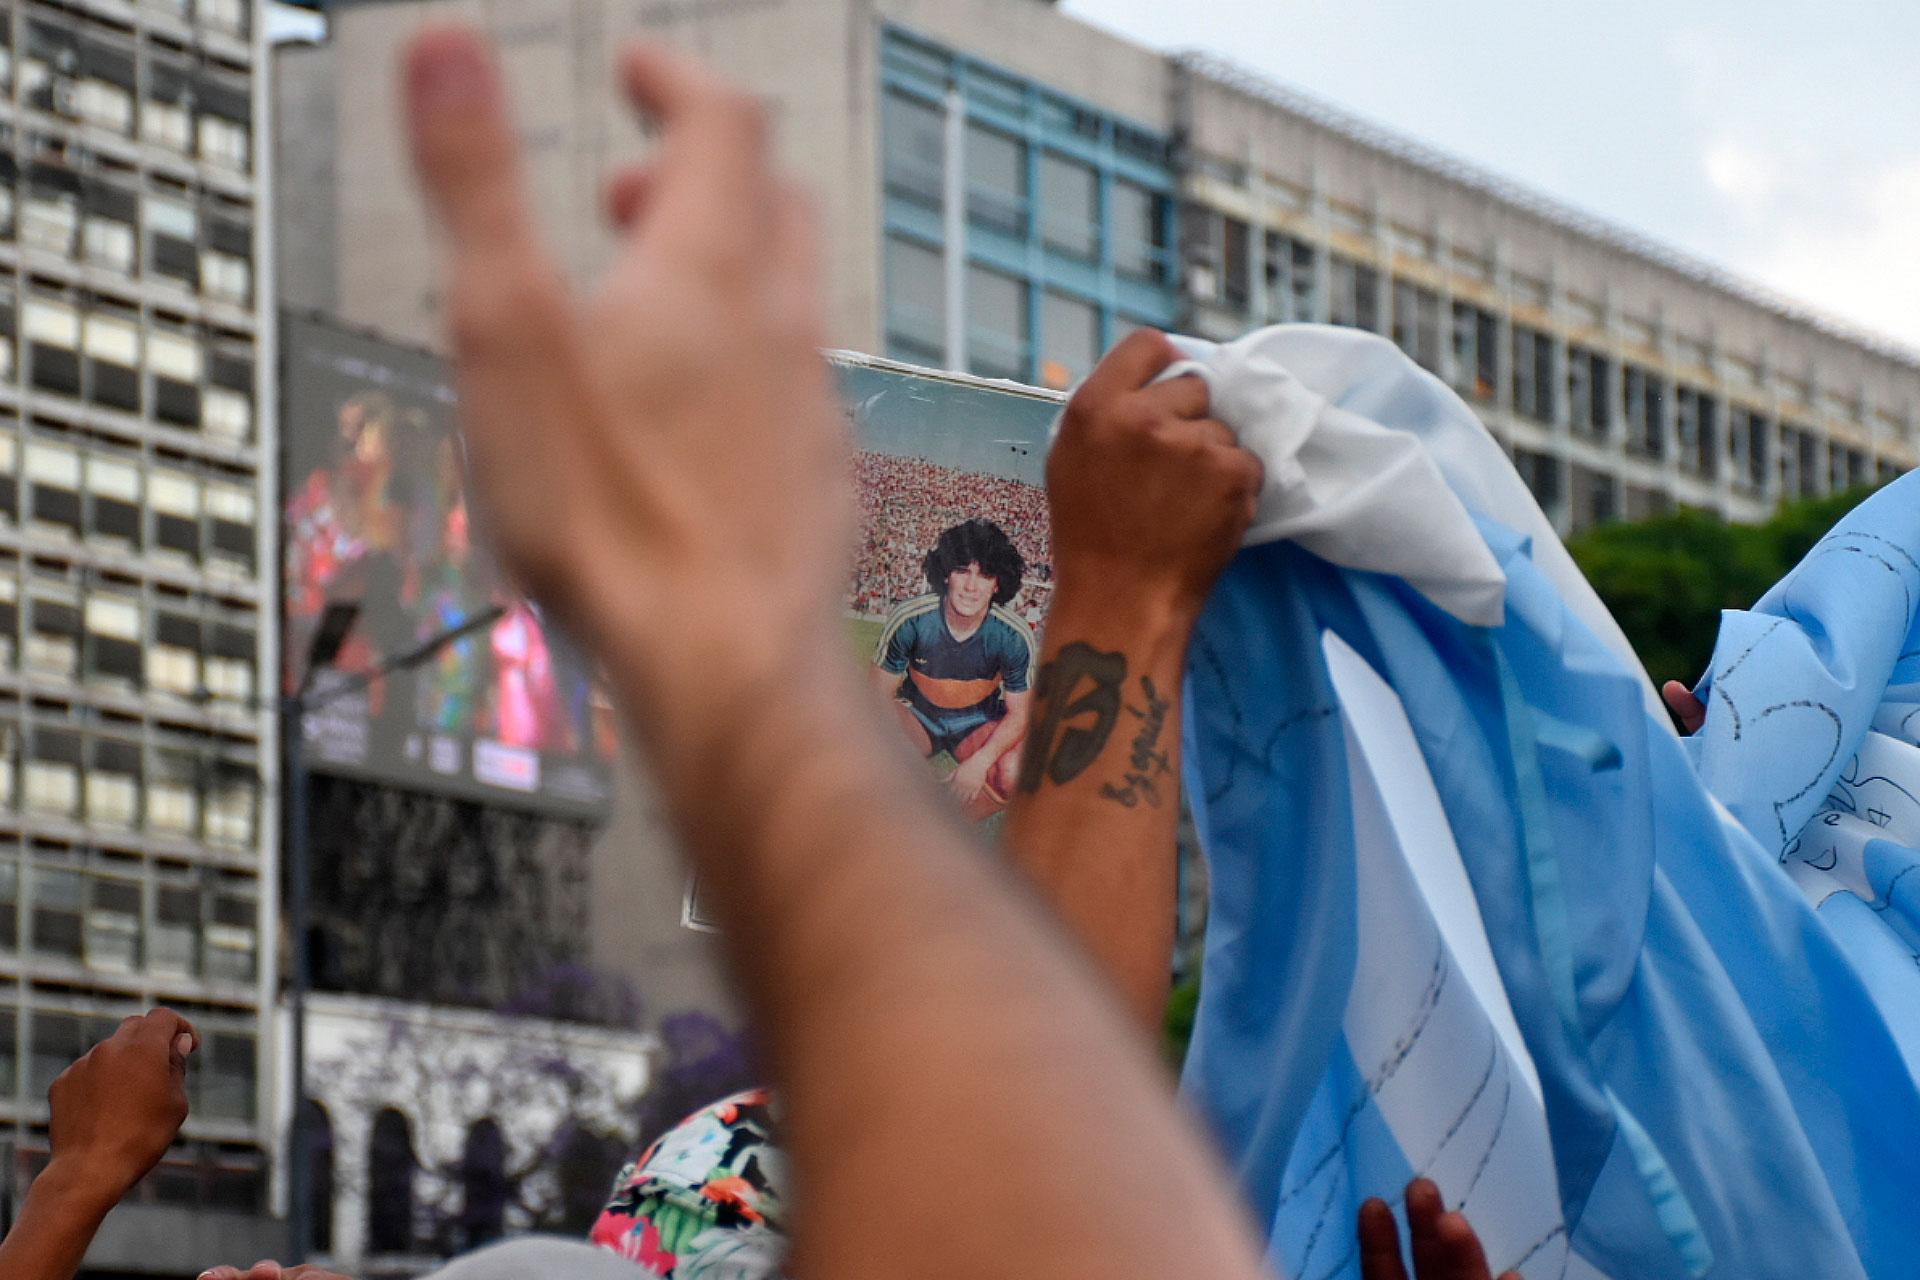 Una imagen de diego con la casaca de Boca, entre los brazos que lo alentaron (Nicolás Stulberg)